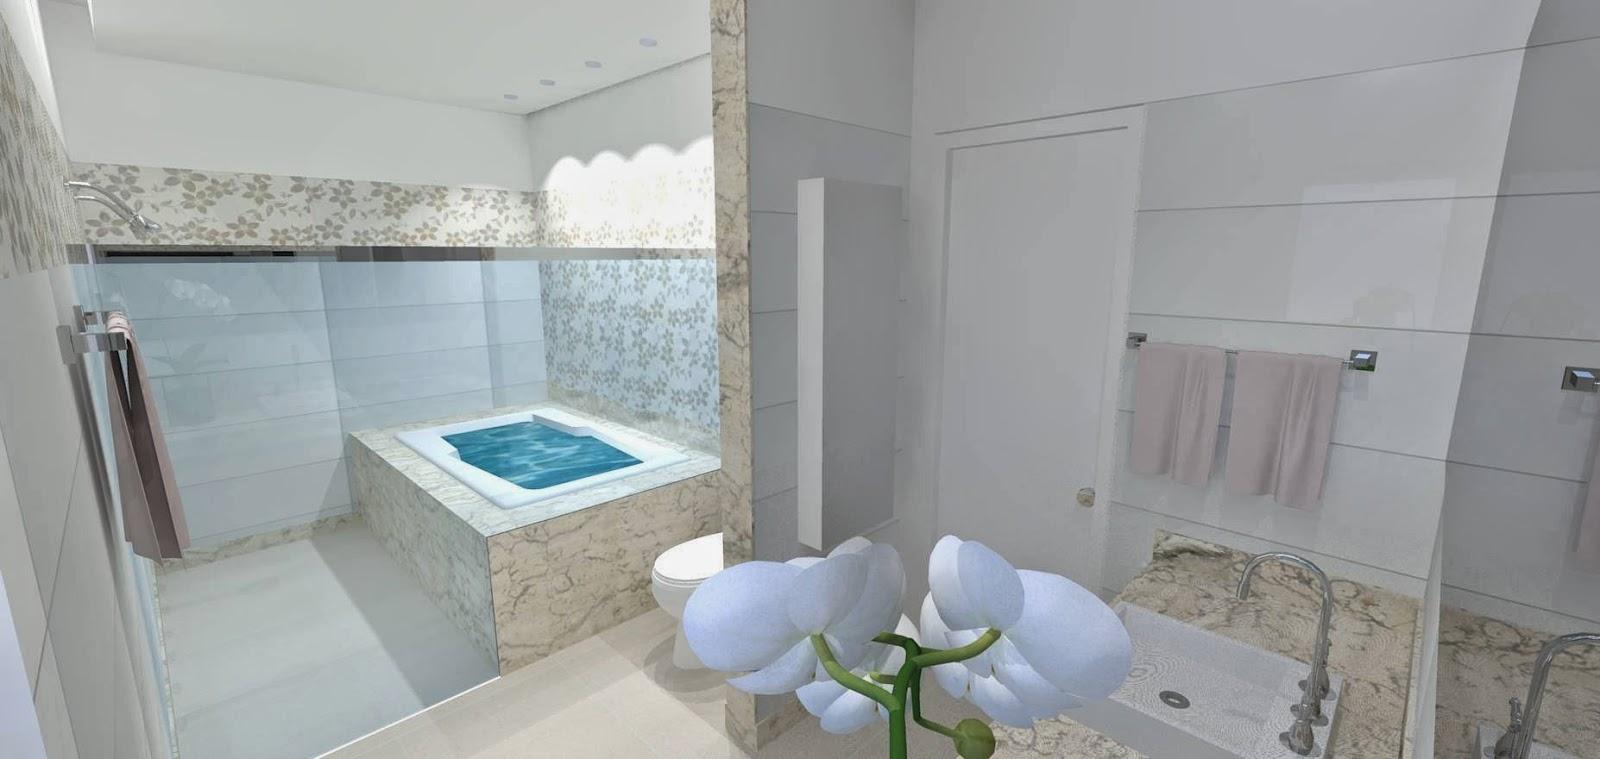 Capricho e Beleza Nossa Construção e Projeto em 3D de banheiro suíte com ban -> Projetos De Banheiro Com Banheira E Closet